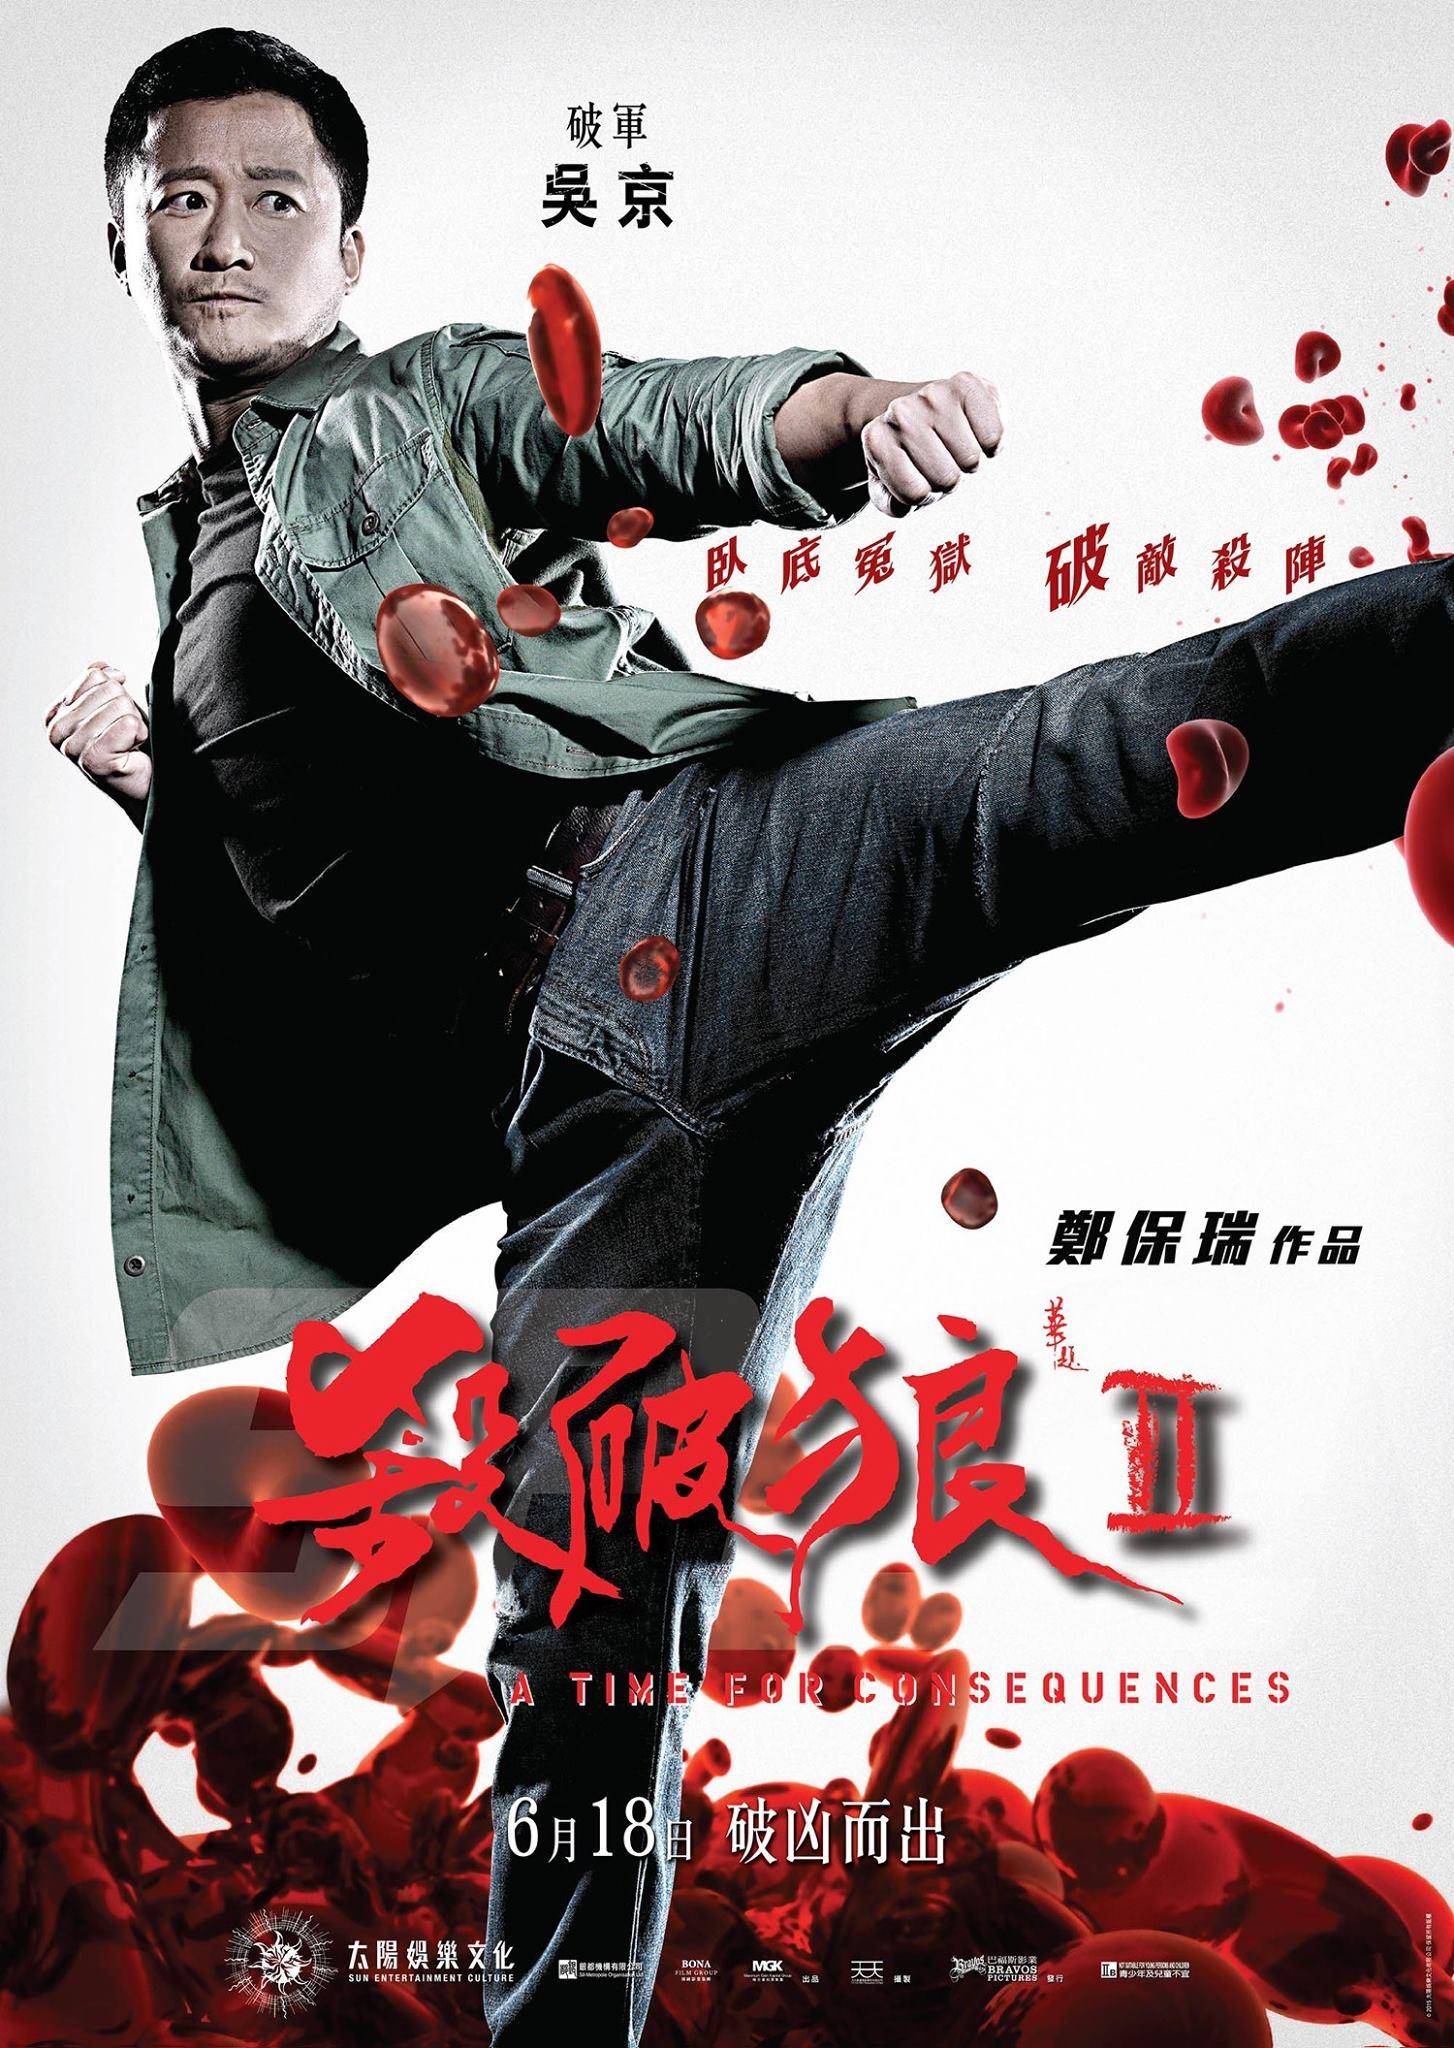 杀破狼电影_杀破狼2_电影海报_图集_电影网_1905.com